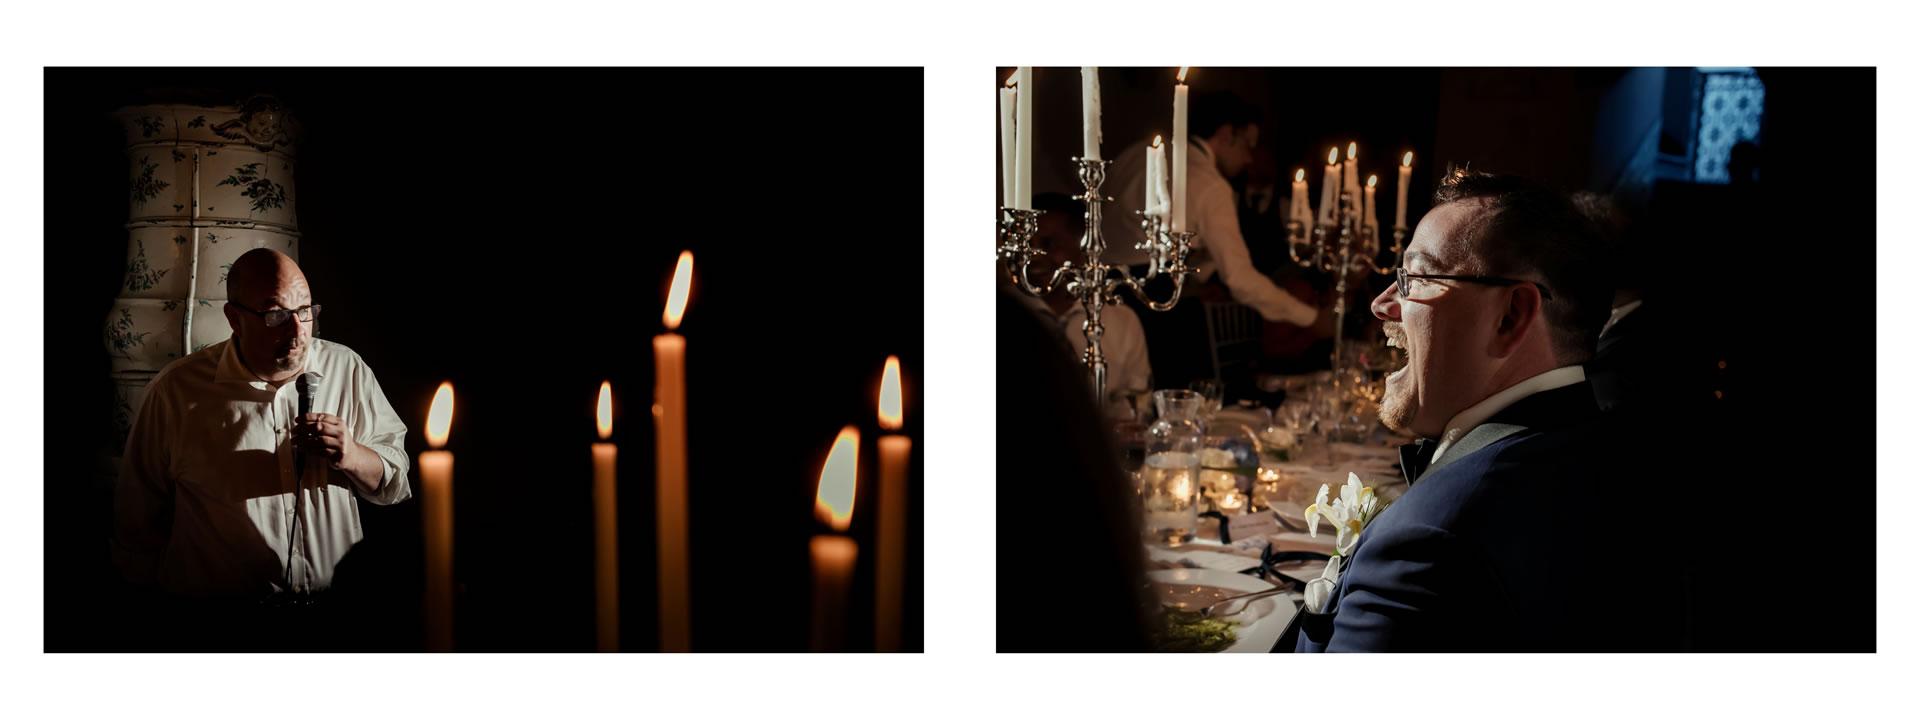 same-sex-love-in-portofino-david-bastianoni-photographer-00031 - 31 :: Wedding in Portofino // WPPI 2018 // The man that I love :: Luxury wedding photography - 30 :: same-sex-love-in-portofino-david-bastianoni-photographer-00031 - 31